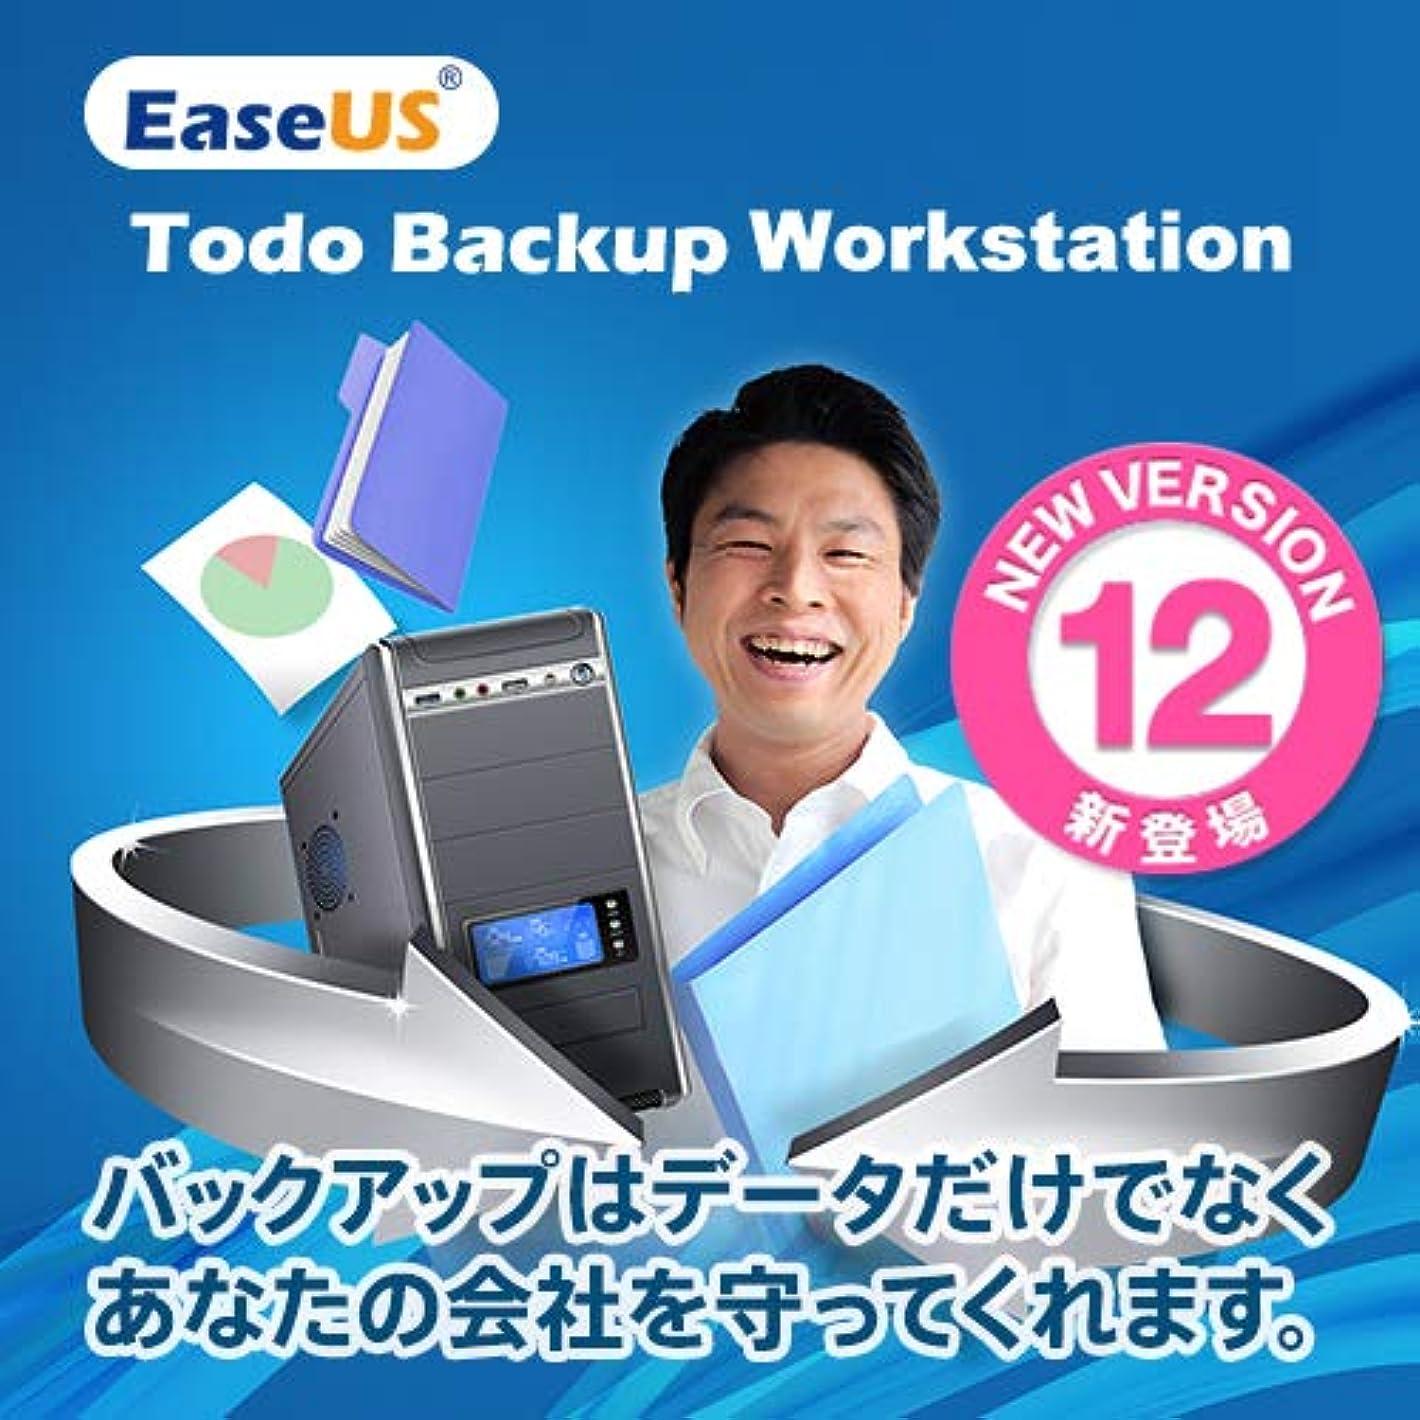 わずかに繊細良心的EaseUS Todo Backup Workstation 12 / 1ライセンス【大事なデータのバックアップをウィザード形式で簡単にタスクスケジュール化/個人にもビジネスにも】